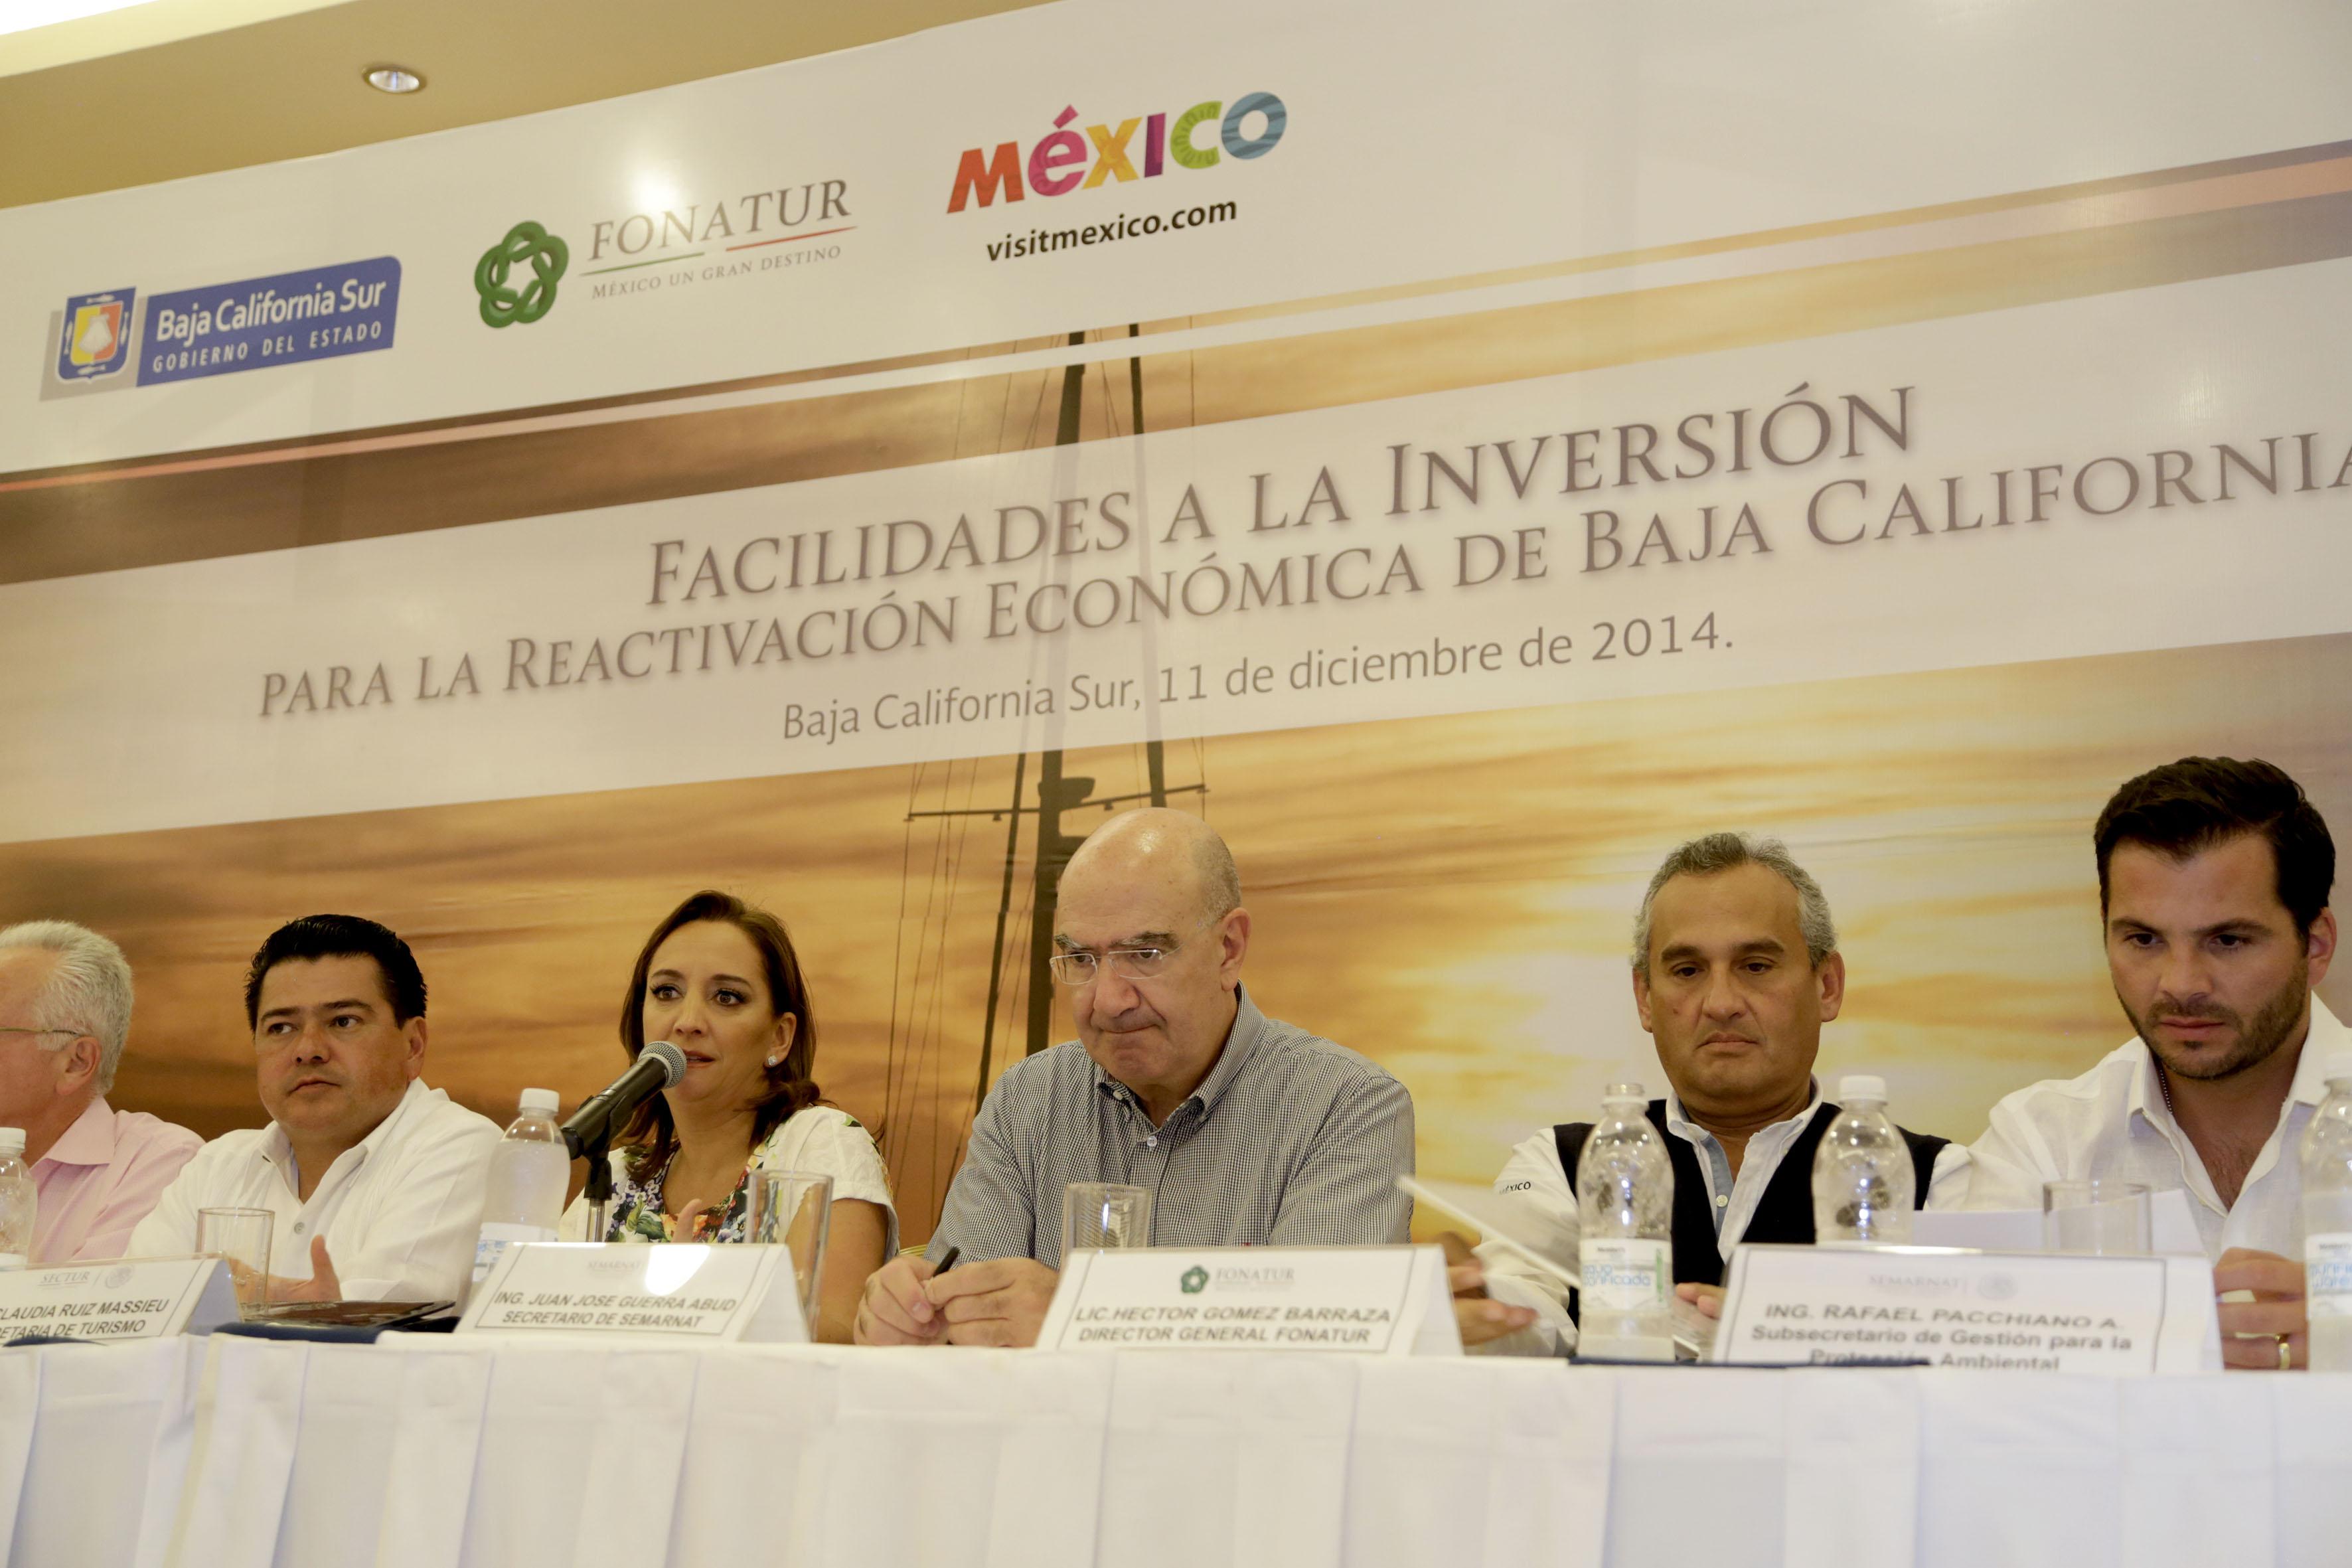 La Secretaria de Turismo, Claudia Ruiz Massieu, da a conocer facilidades a la inversión para la reactivación económica de Baja California Sur, tras el paso del huracán Odile.